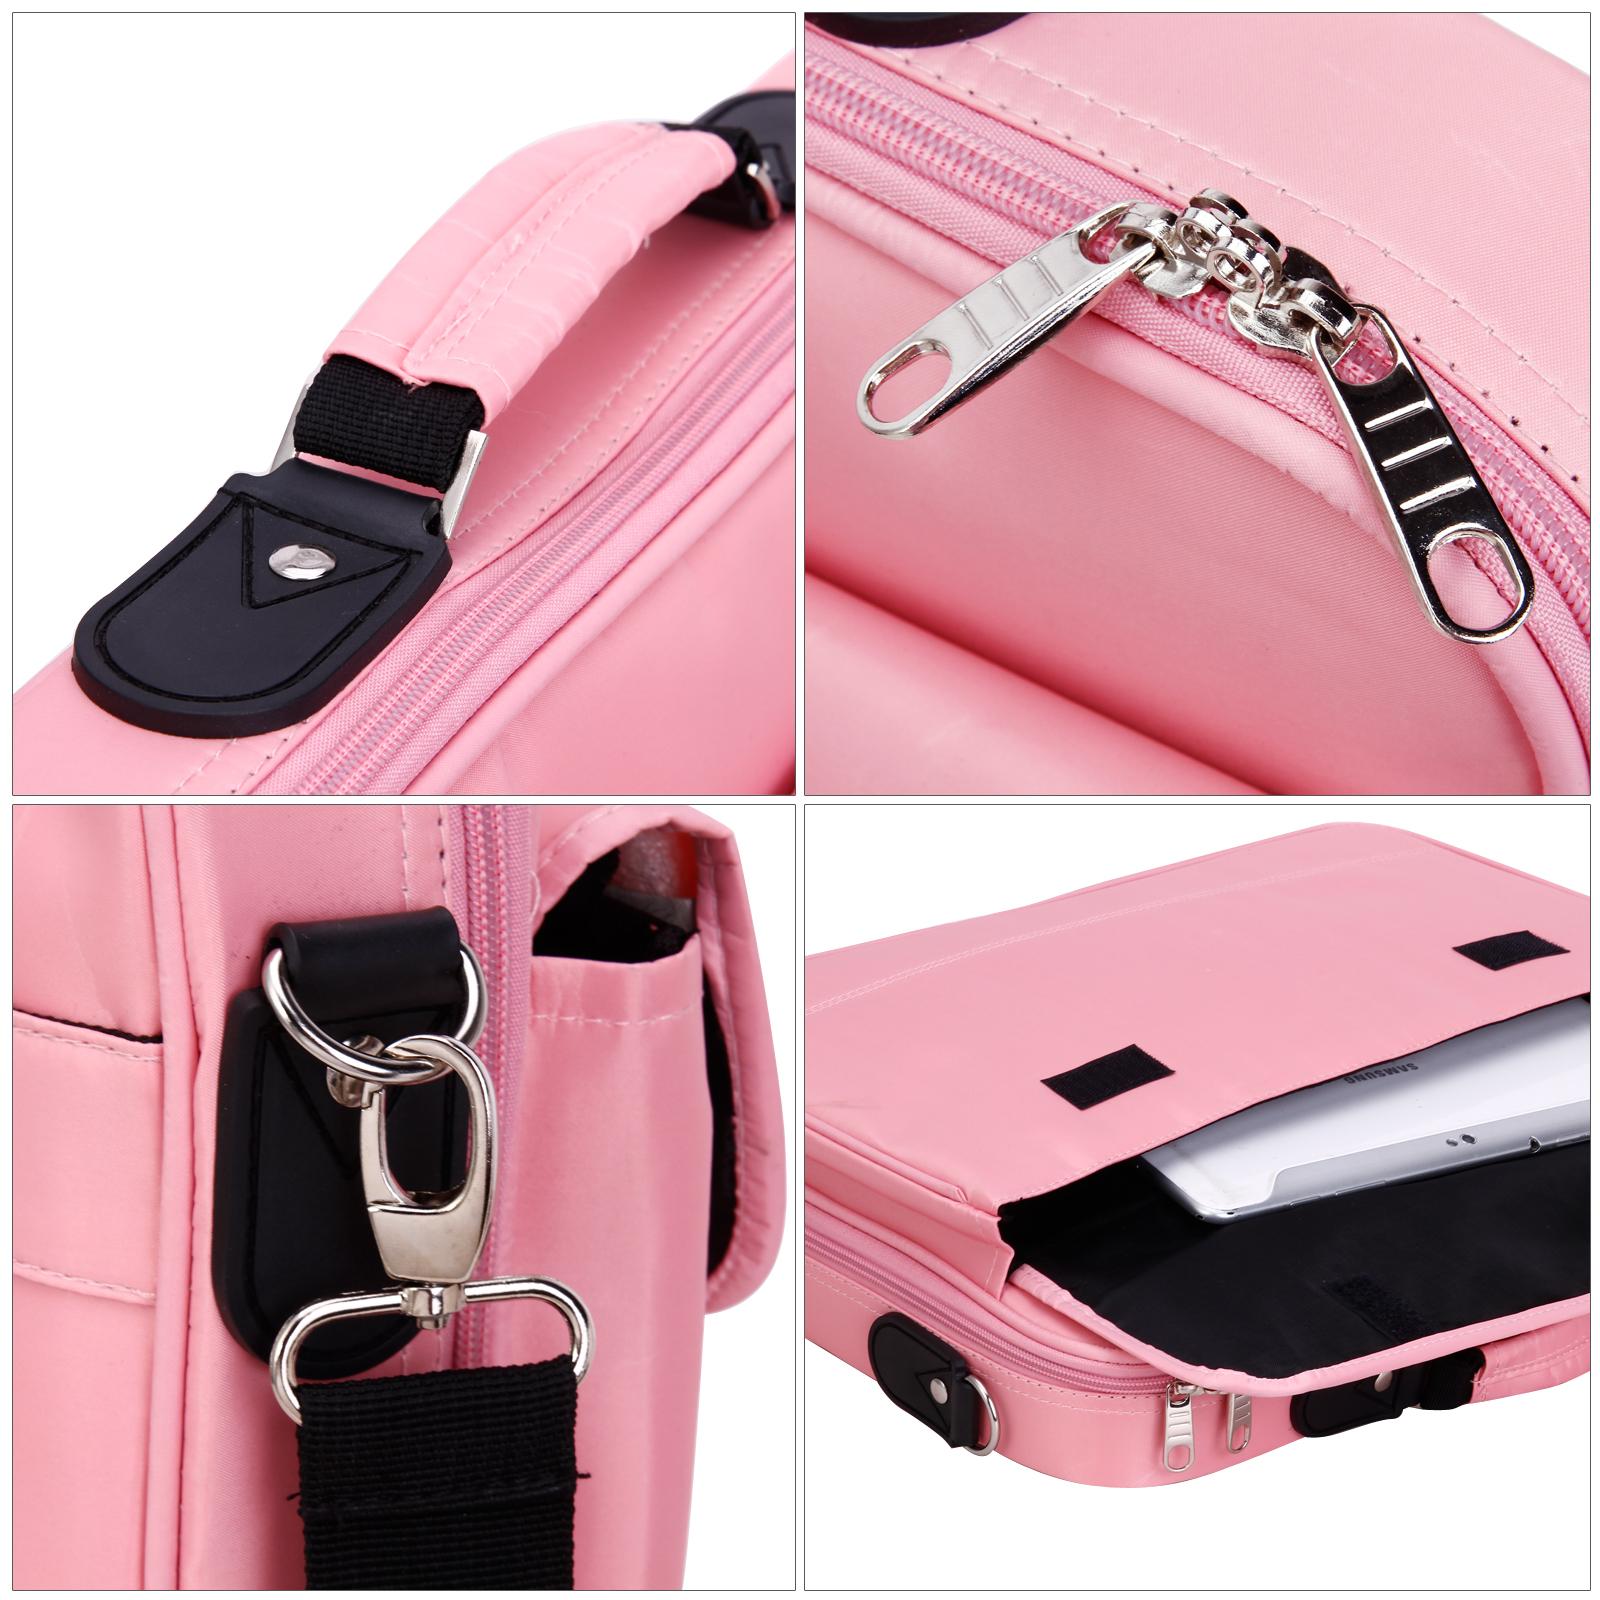 notebooktasche 17 zoll laptoptasche tasche businesstasche. Black Bedroom Furniture Sets. Home Design Ideas